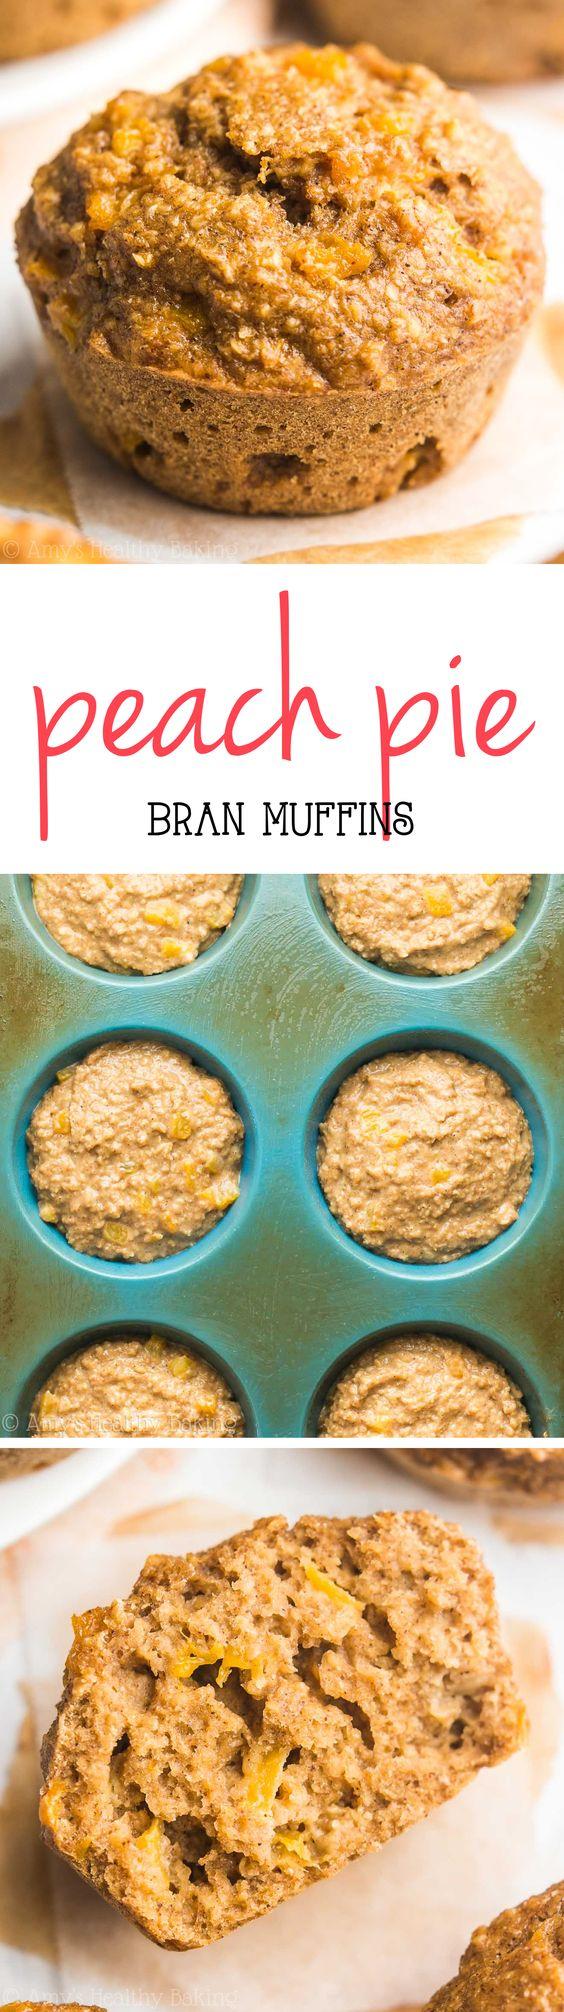 recipes muffins gluten free healthy peaches bran muffins recipe peach ...